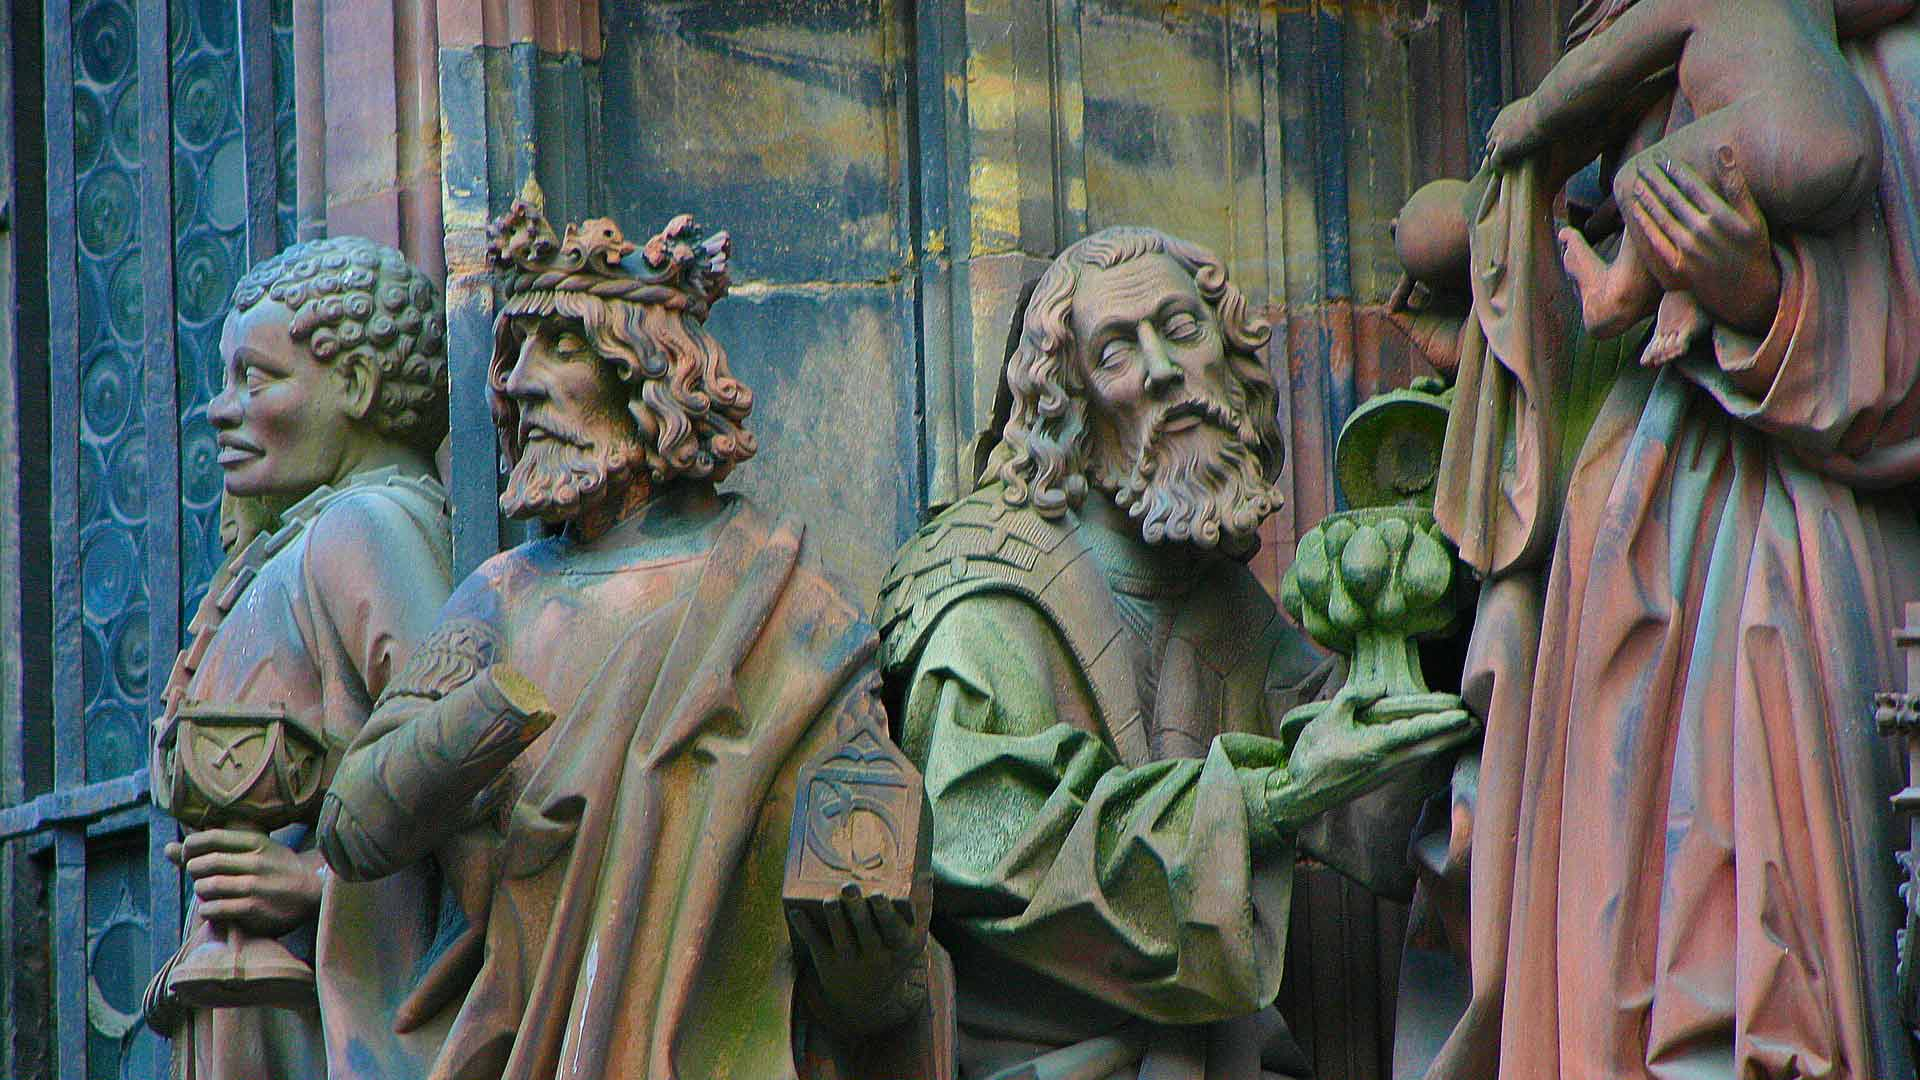 Prachtige beelden in een van de portalen van de kathedraal van Straatsburg.